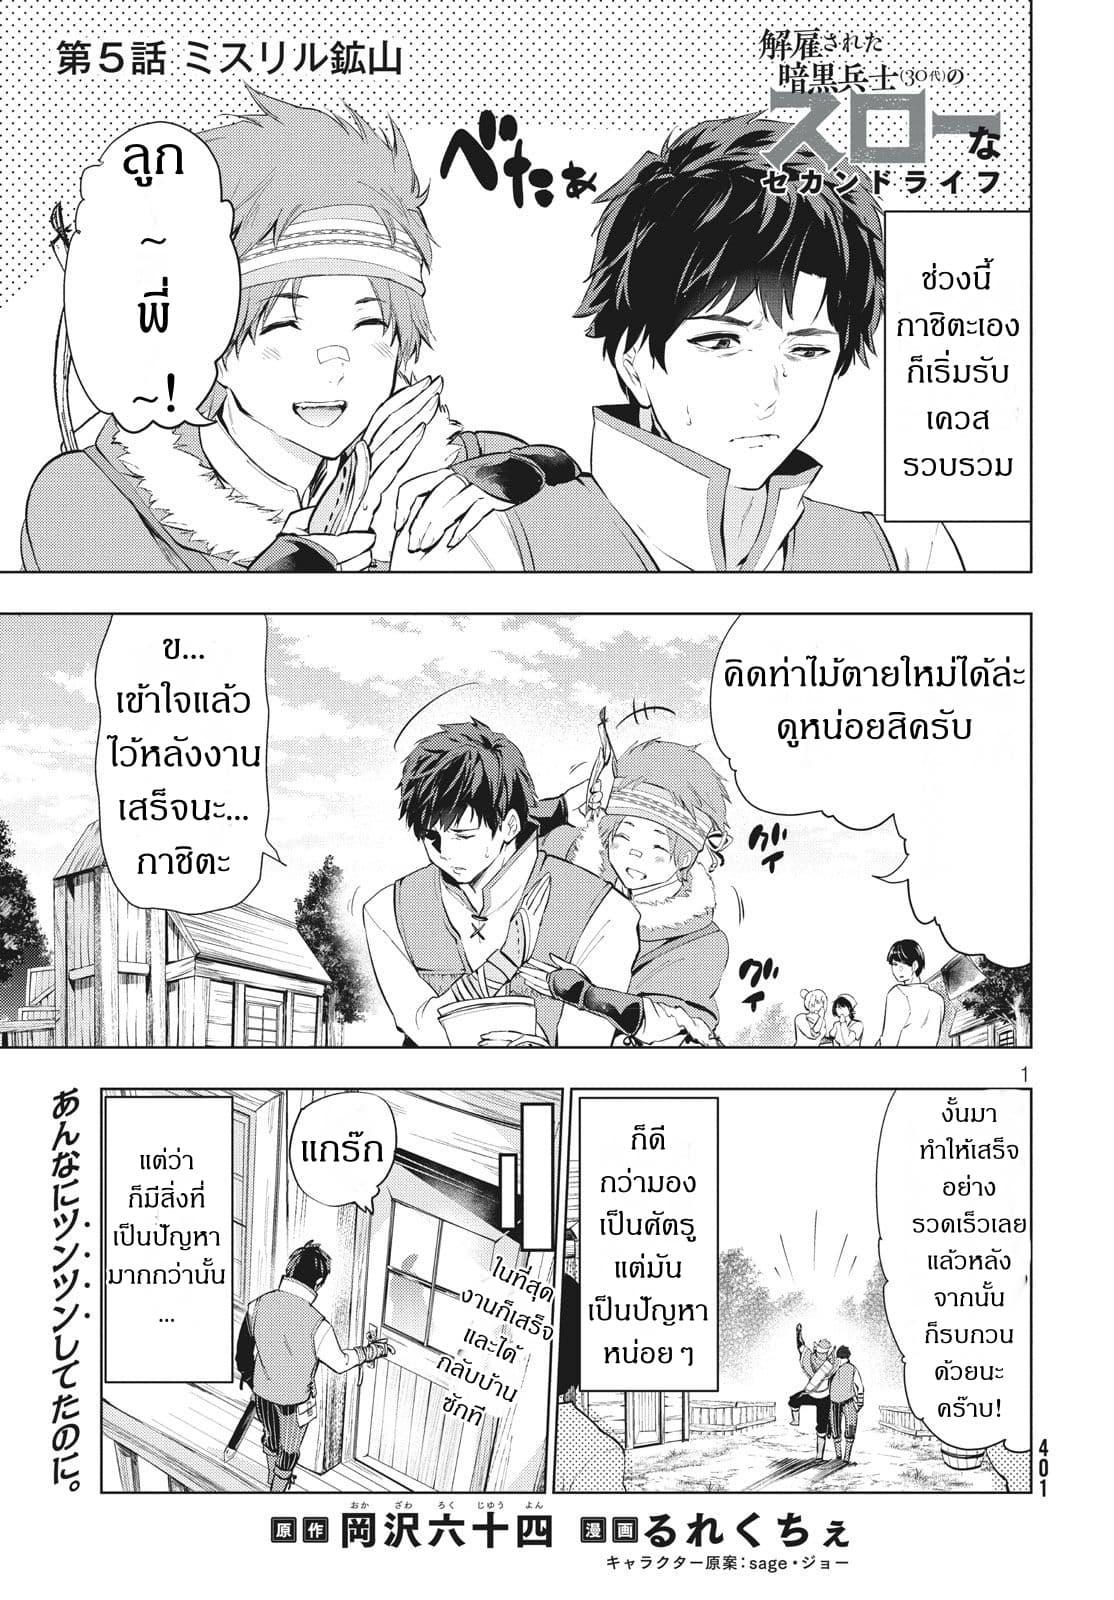 อ่านการ์ตูน Kaiko sareta Ankoku Heishi (30-dai) no Slow na Second ตอนที่ 5.1 หน้าที่ 1